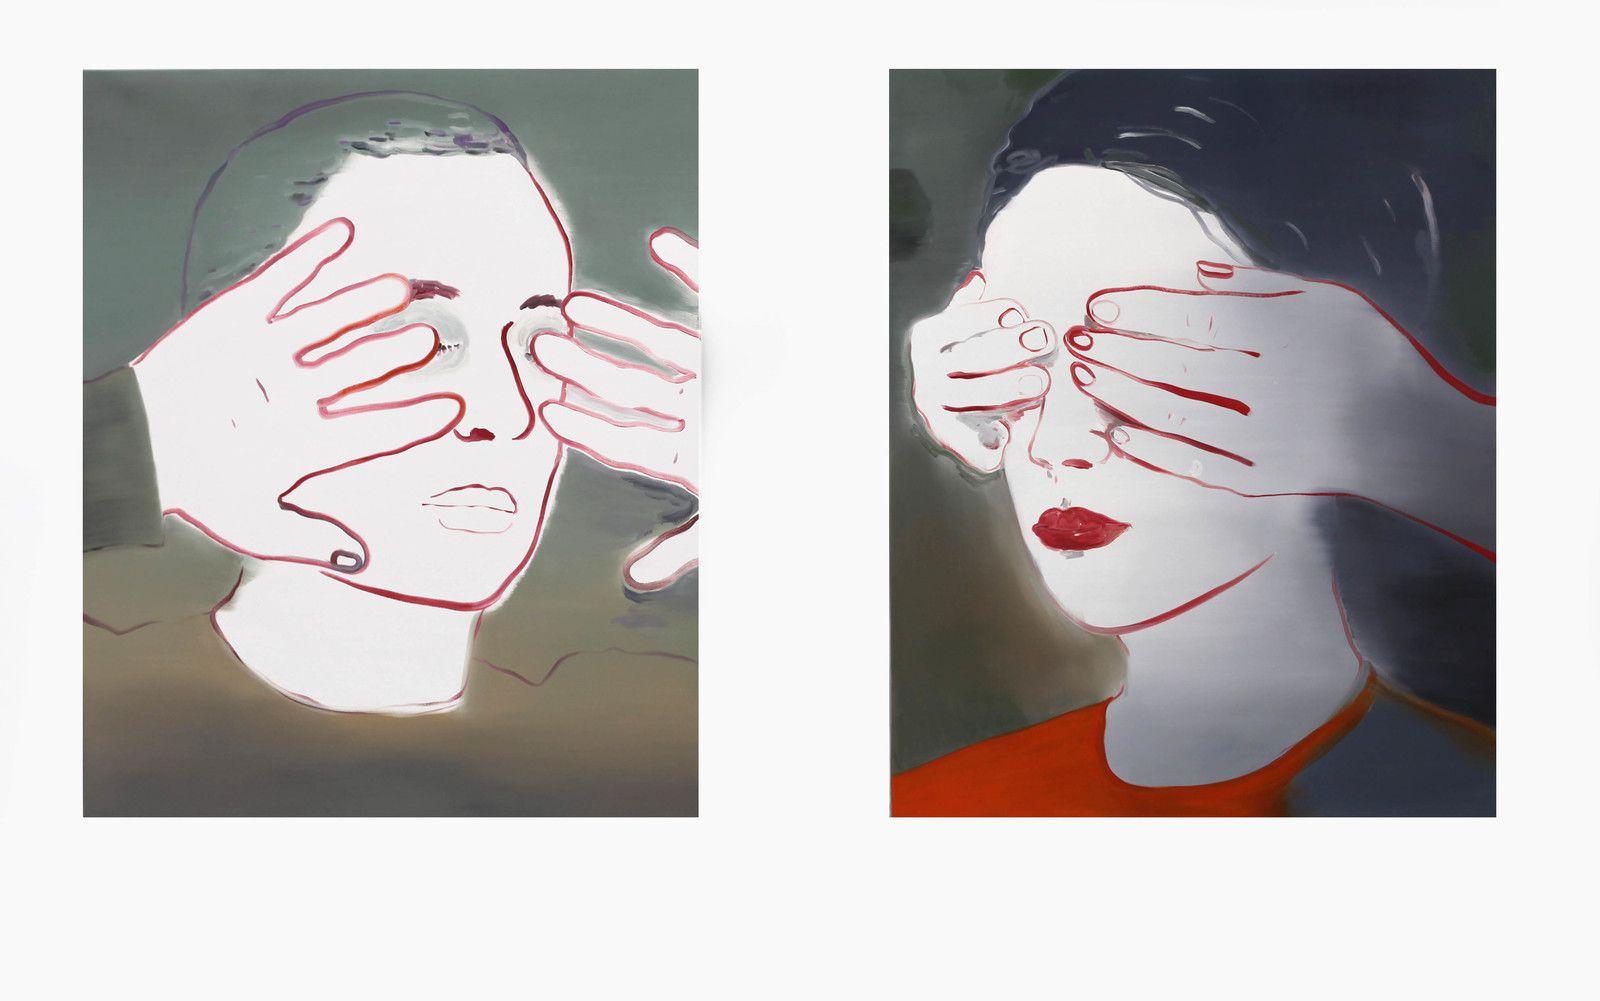 """""""Aveuglé"""" et """"Aveuglée"""", 2020 de Françoise PETROVITCH - Courtesy Galerie Sémiose © Photo Éric Simon"""